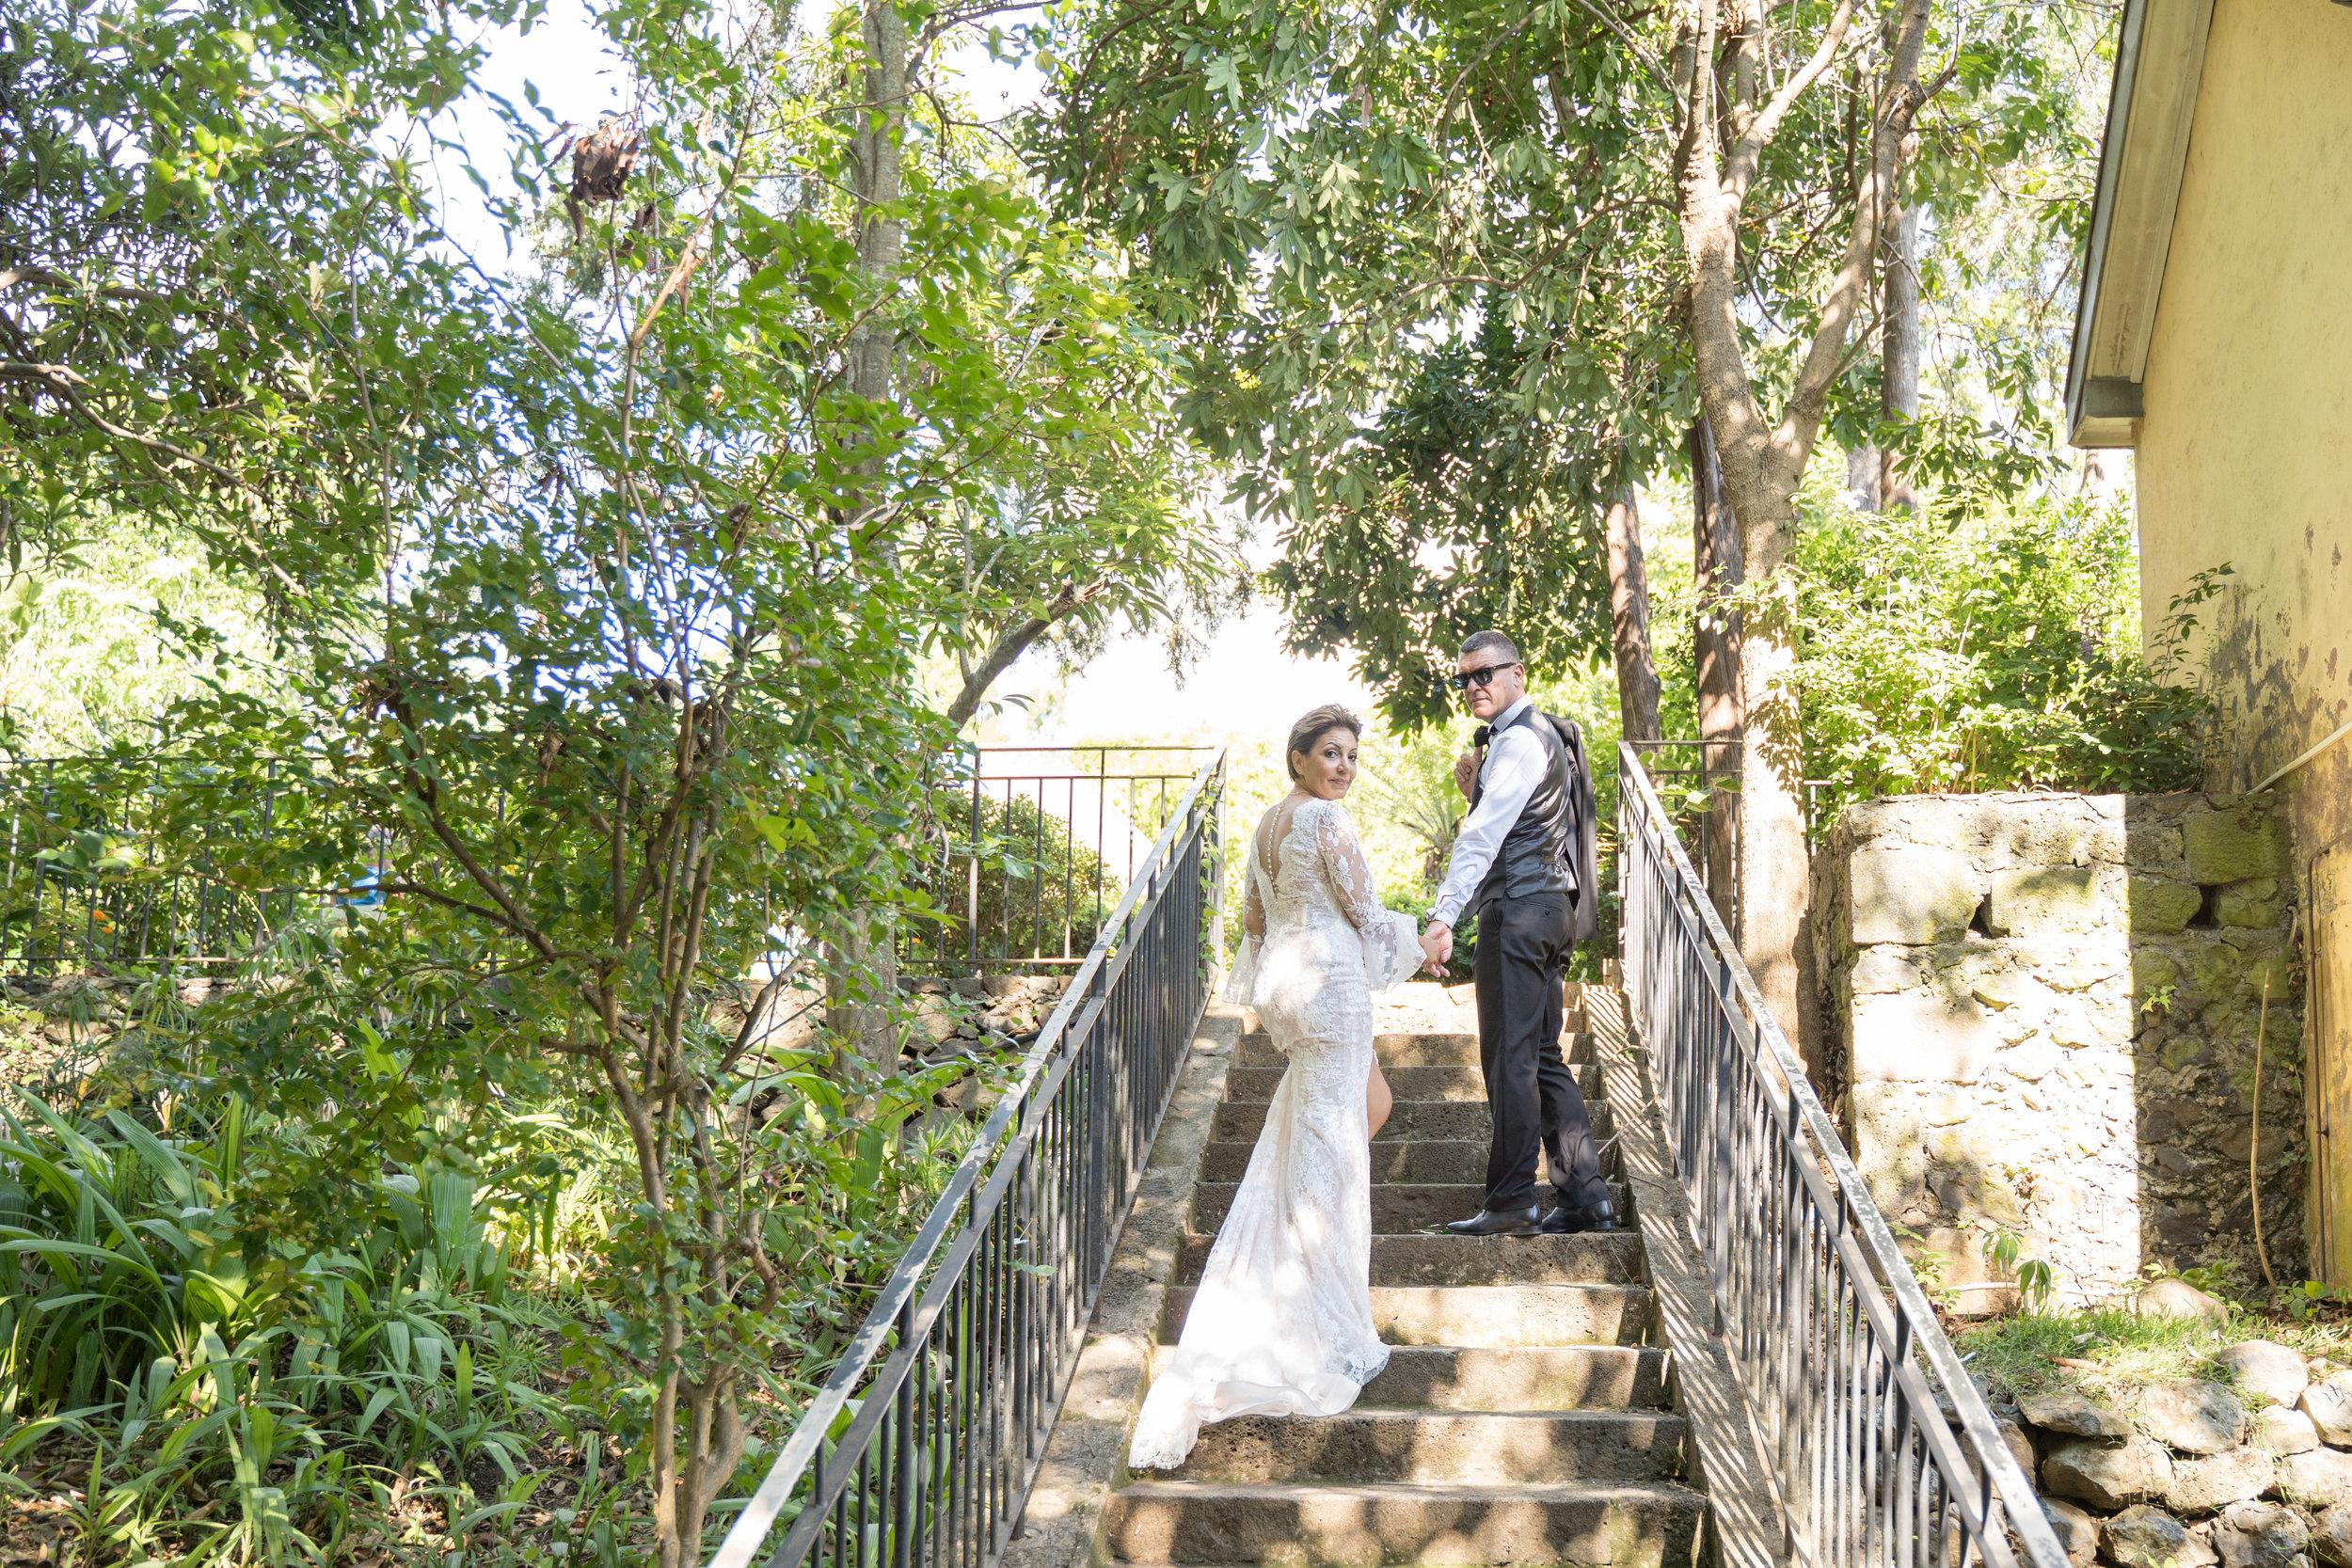 MRevenement organisation de mariage à la Réunion _ Mariage de B et JC (20).jpg